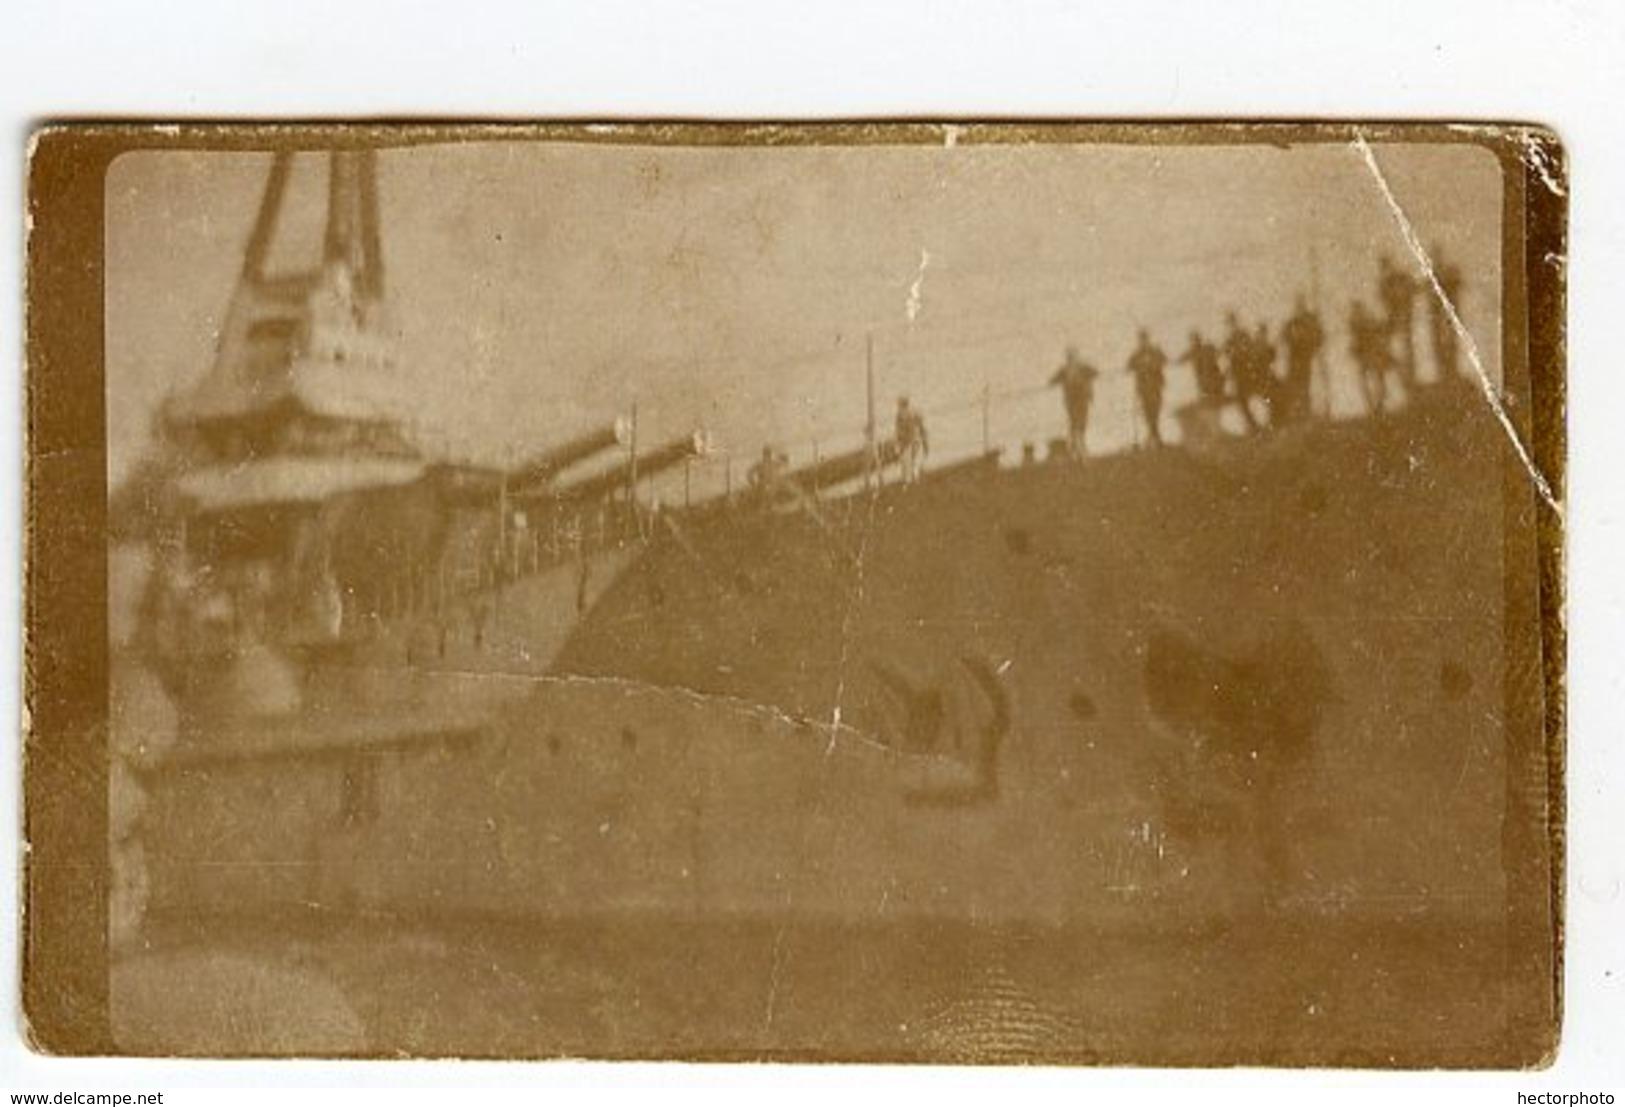 Superbe 1910 1920 Bateau  Boat Guerre Canon Equipage à Situer Identifier Mini Photo Destroyer Fregate - Guerre, Militaire